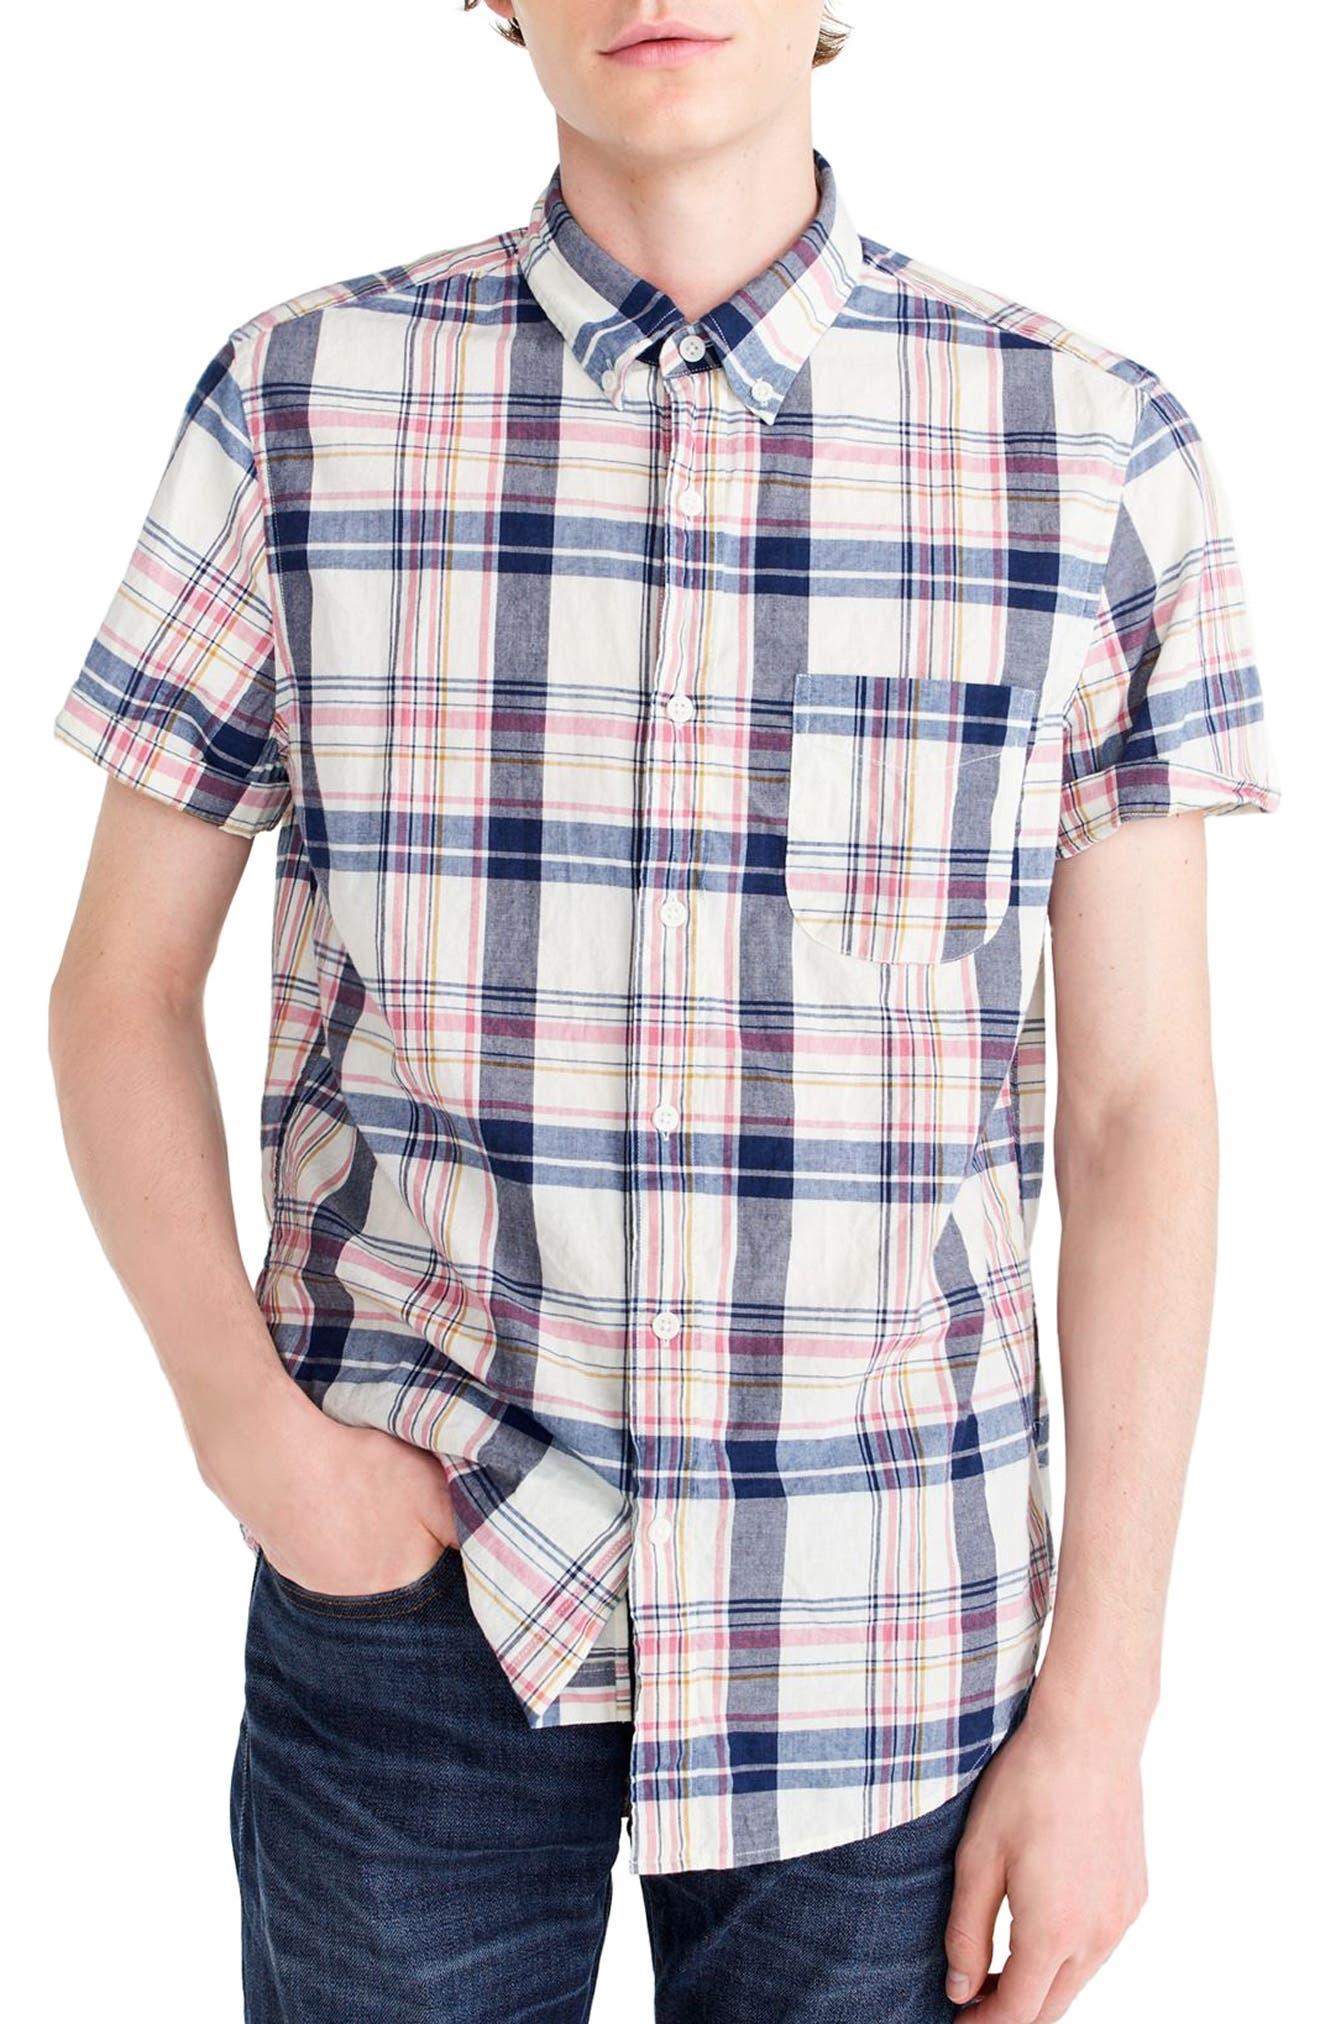 Indigo Plaid Short Sleeve Madras Shirt,                         Main,                         color, Indigo Creme